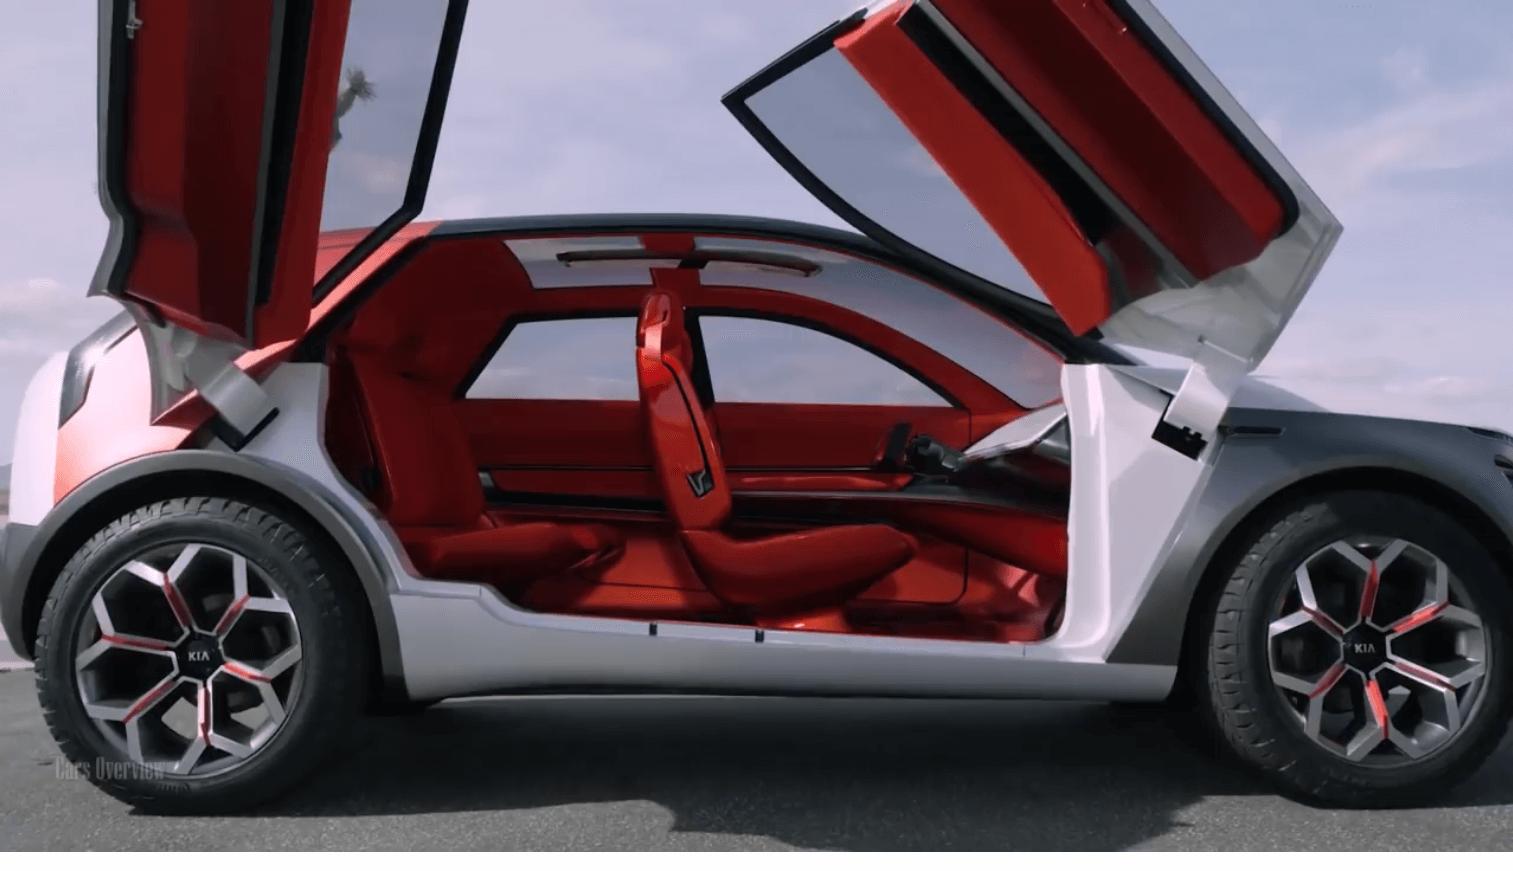 معرفی کیا هابانیرو کانسپت ۲۰۲۰ | دانلود ویدیو خودرو